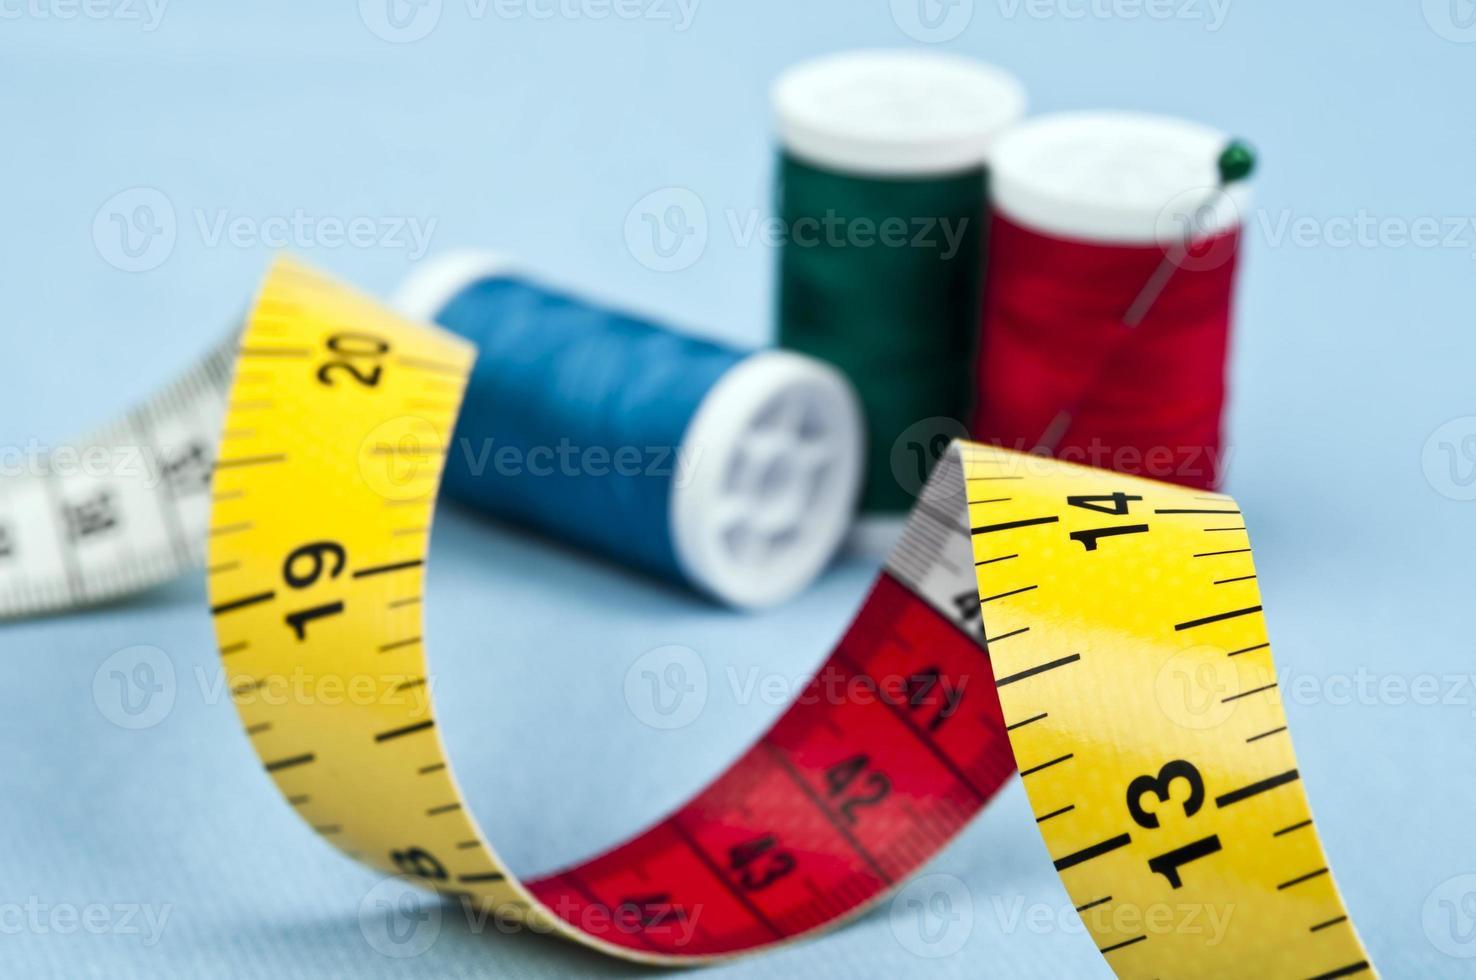 herramientas a medida foto